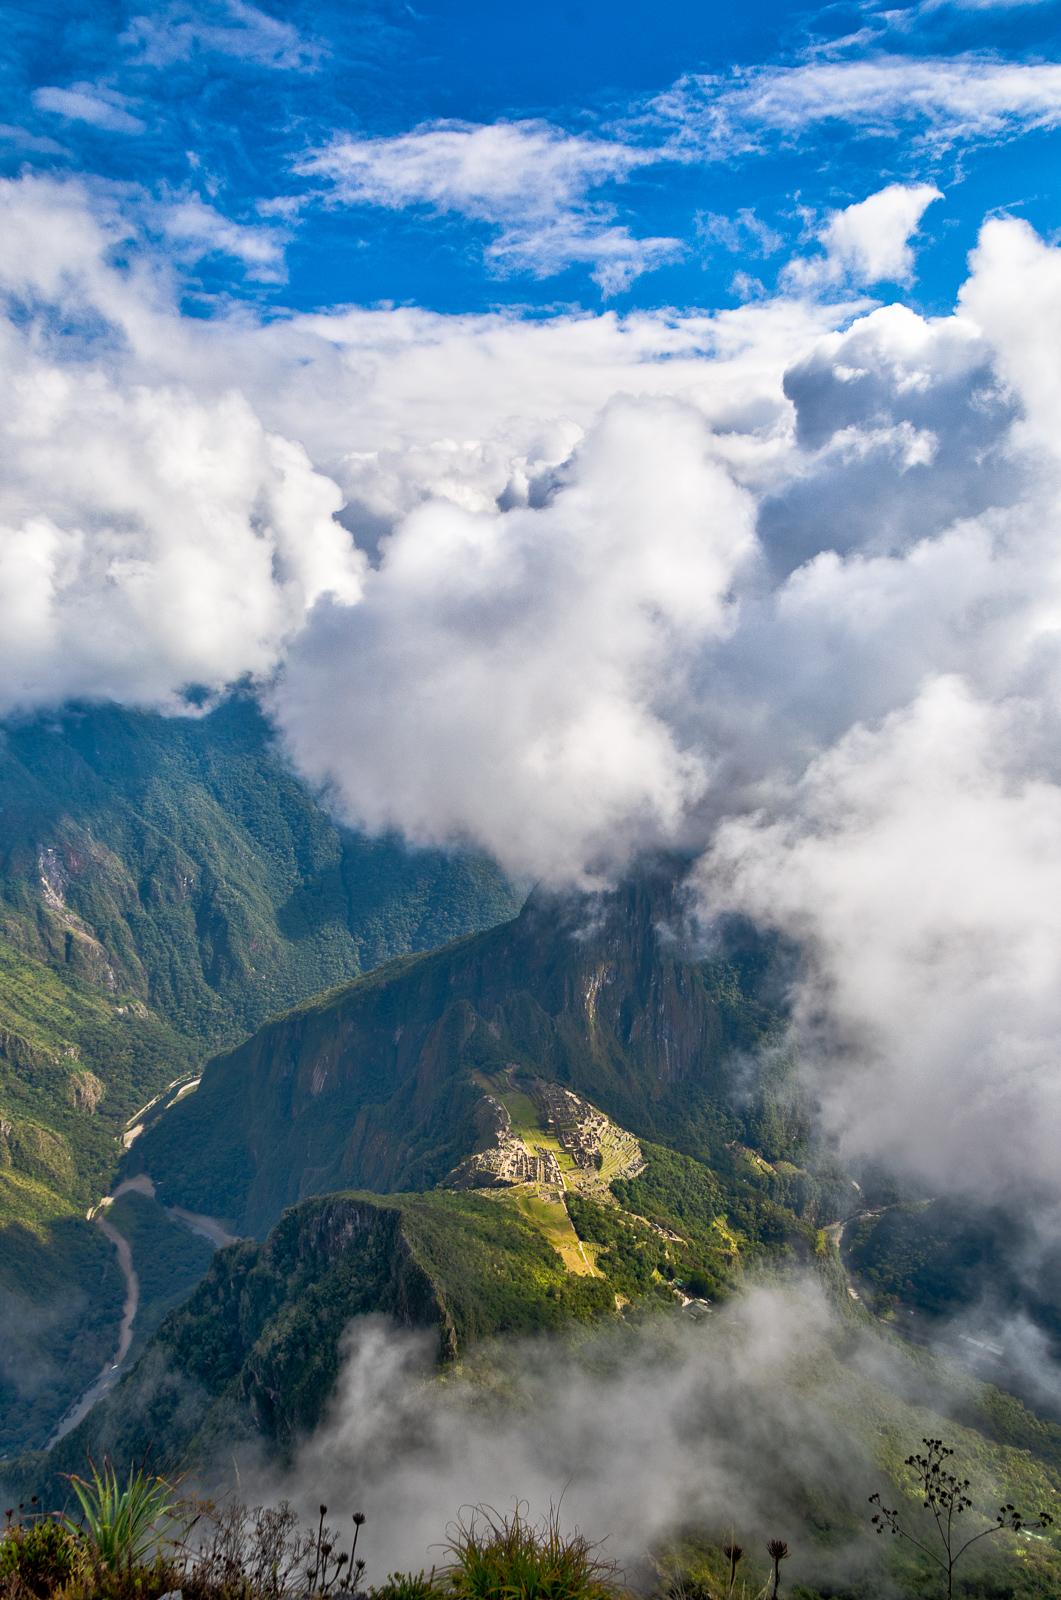 A Contemplative Walk in the Clouds